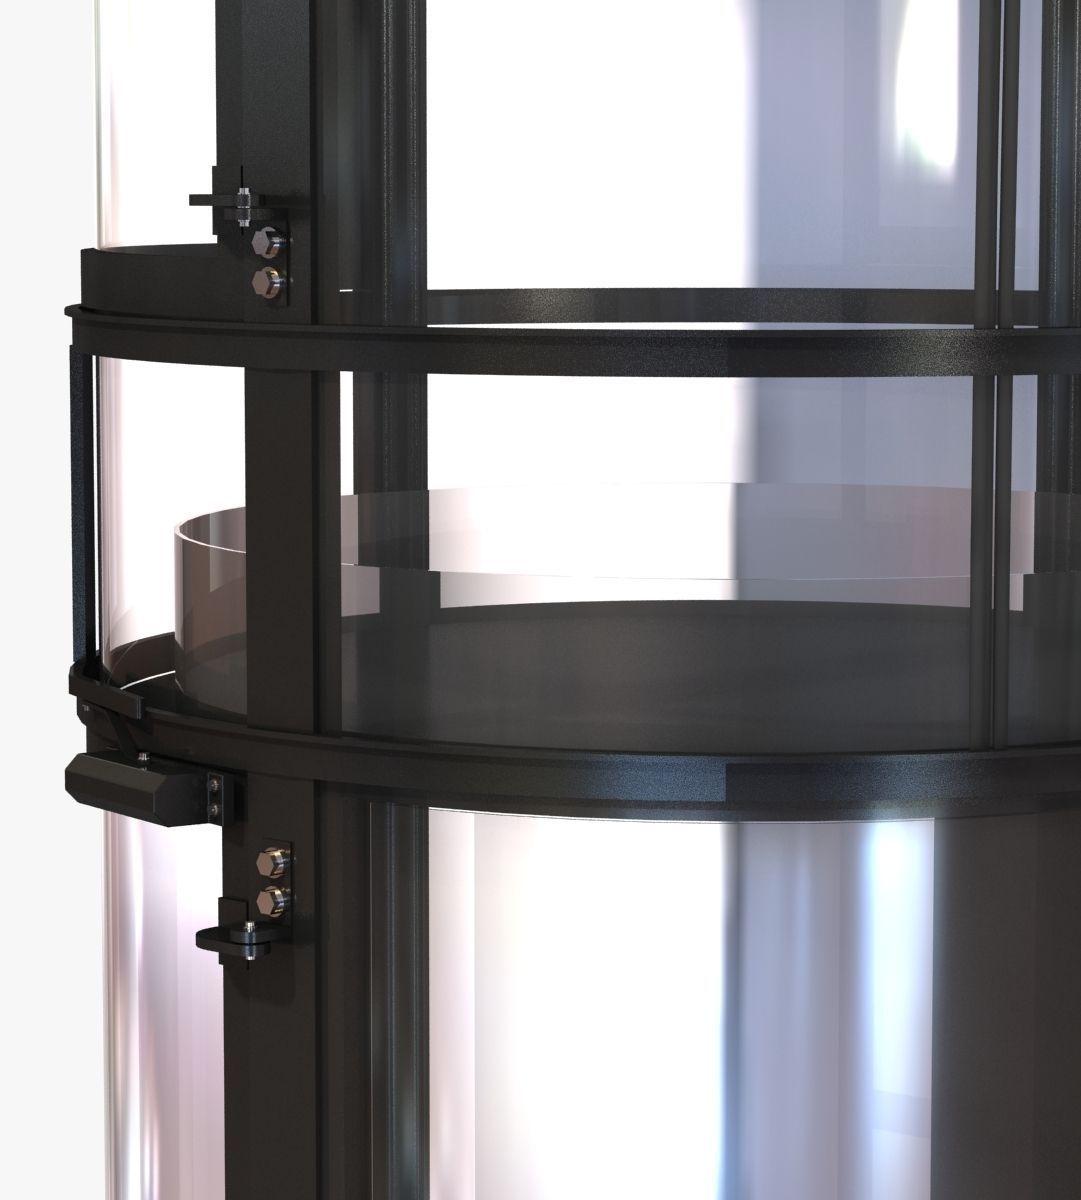 Small interior round elevator vision pne 3d model for Small elevators